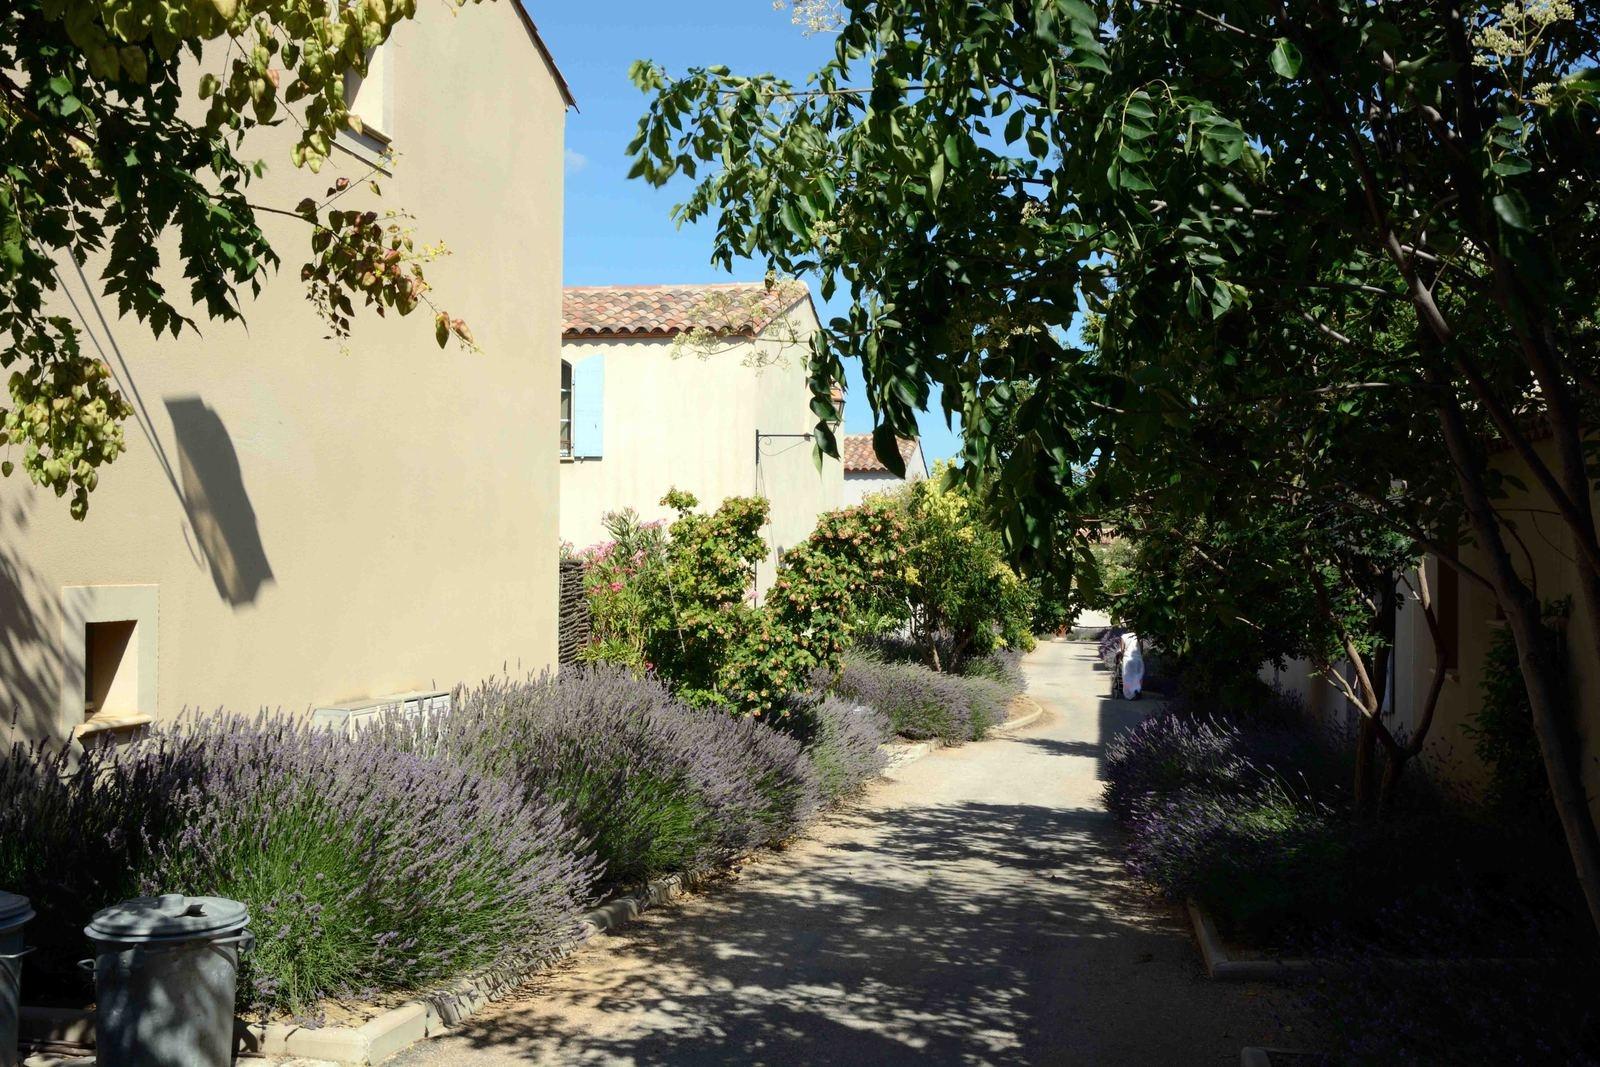 Les Jardins De St Benoit - ... Dans Un Cadre Propice À La ... intérieur Les Jardins De St Benoit